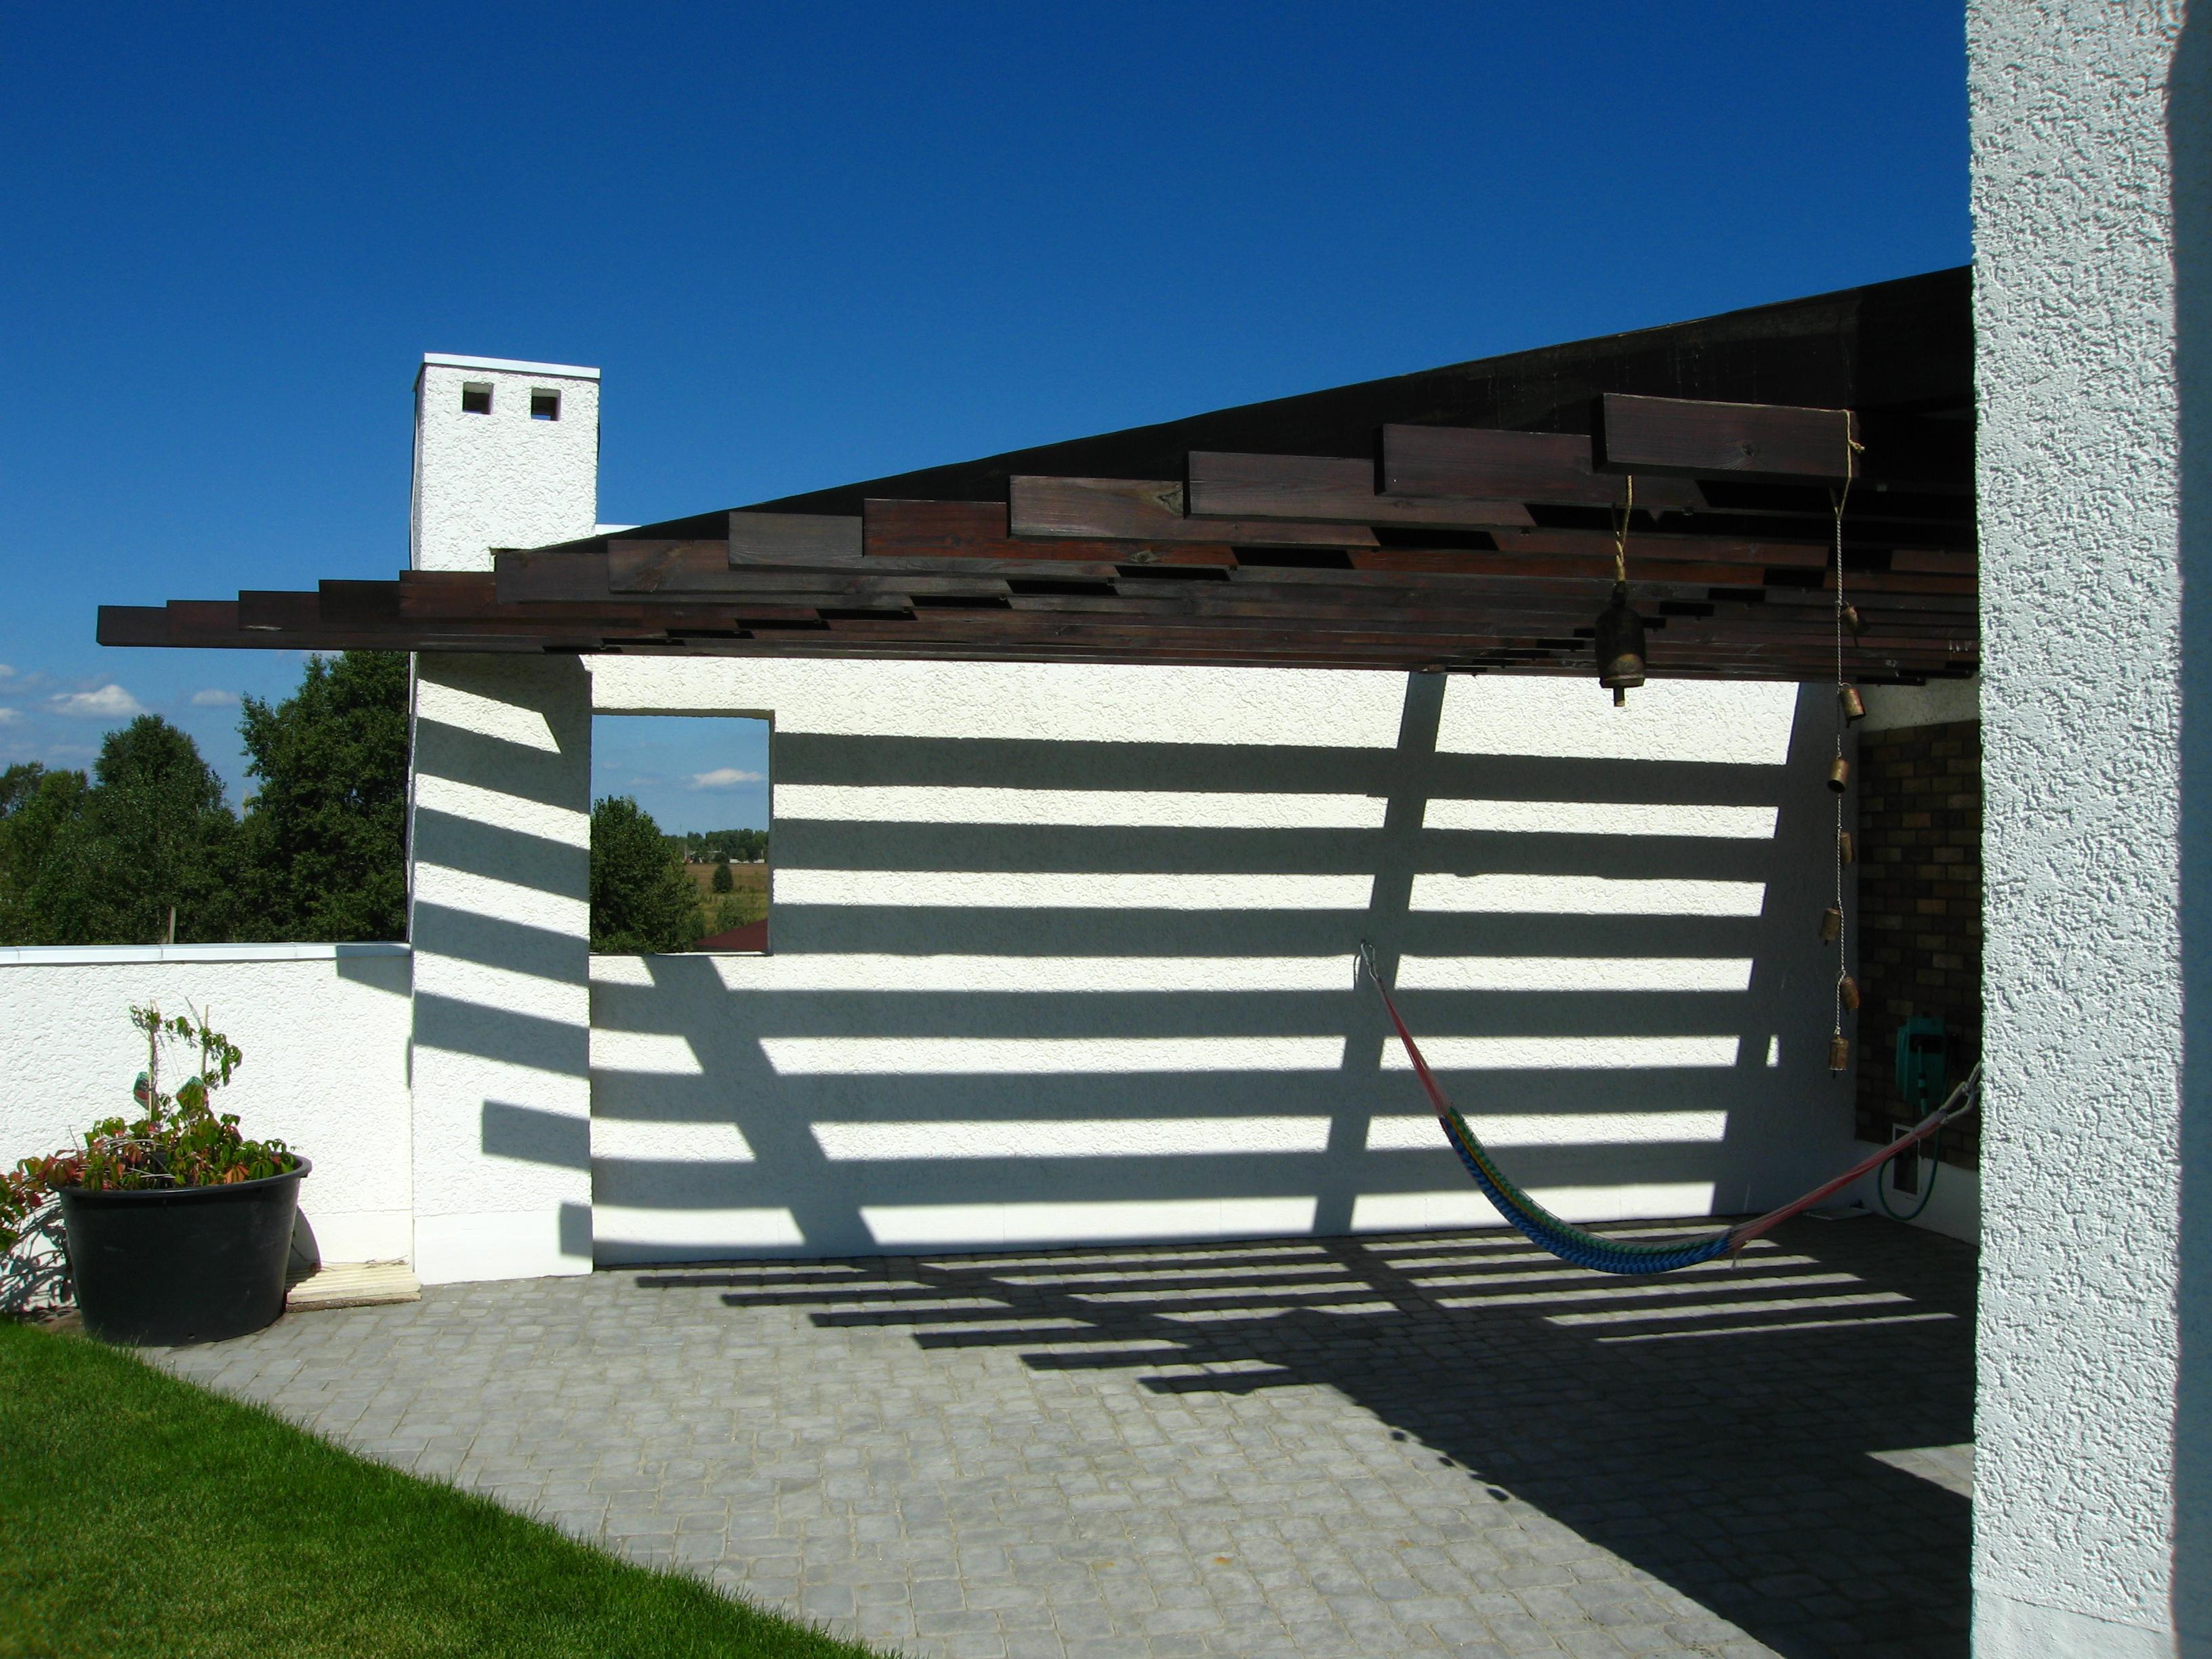 Проекты домов с плоской крышей Проект Эбро, кровля эксплуатируемая - проекты современных домов